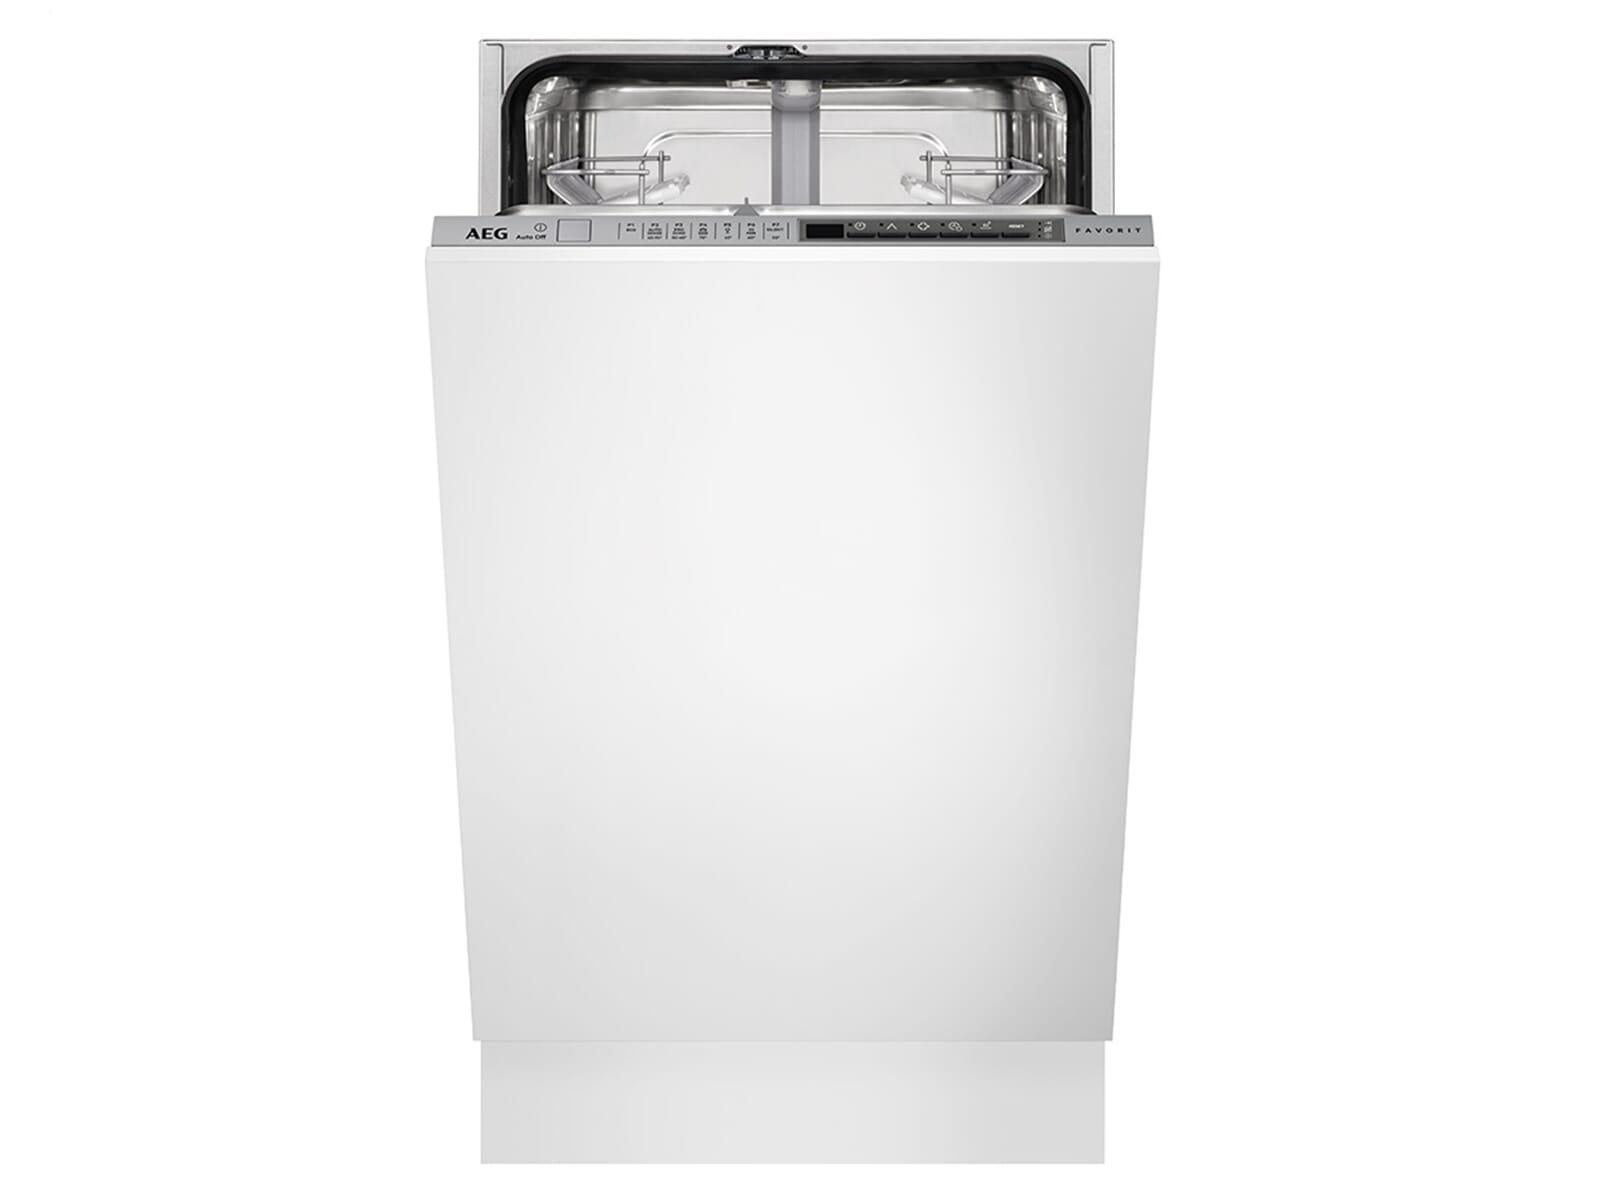 Aeg Unterbau Kühlschrank 50 Cm Breit : Aeg fse p vollintegrierbarer einbaugeschirrspüler